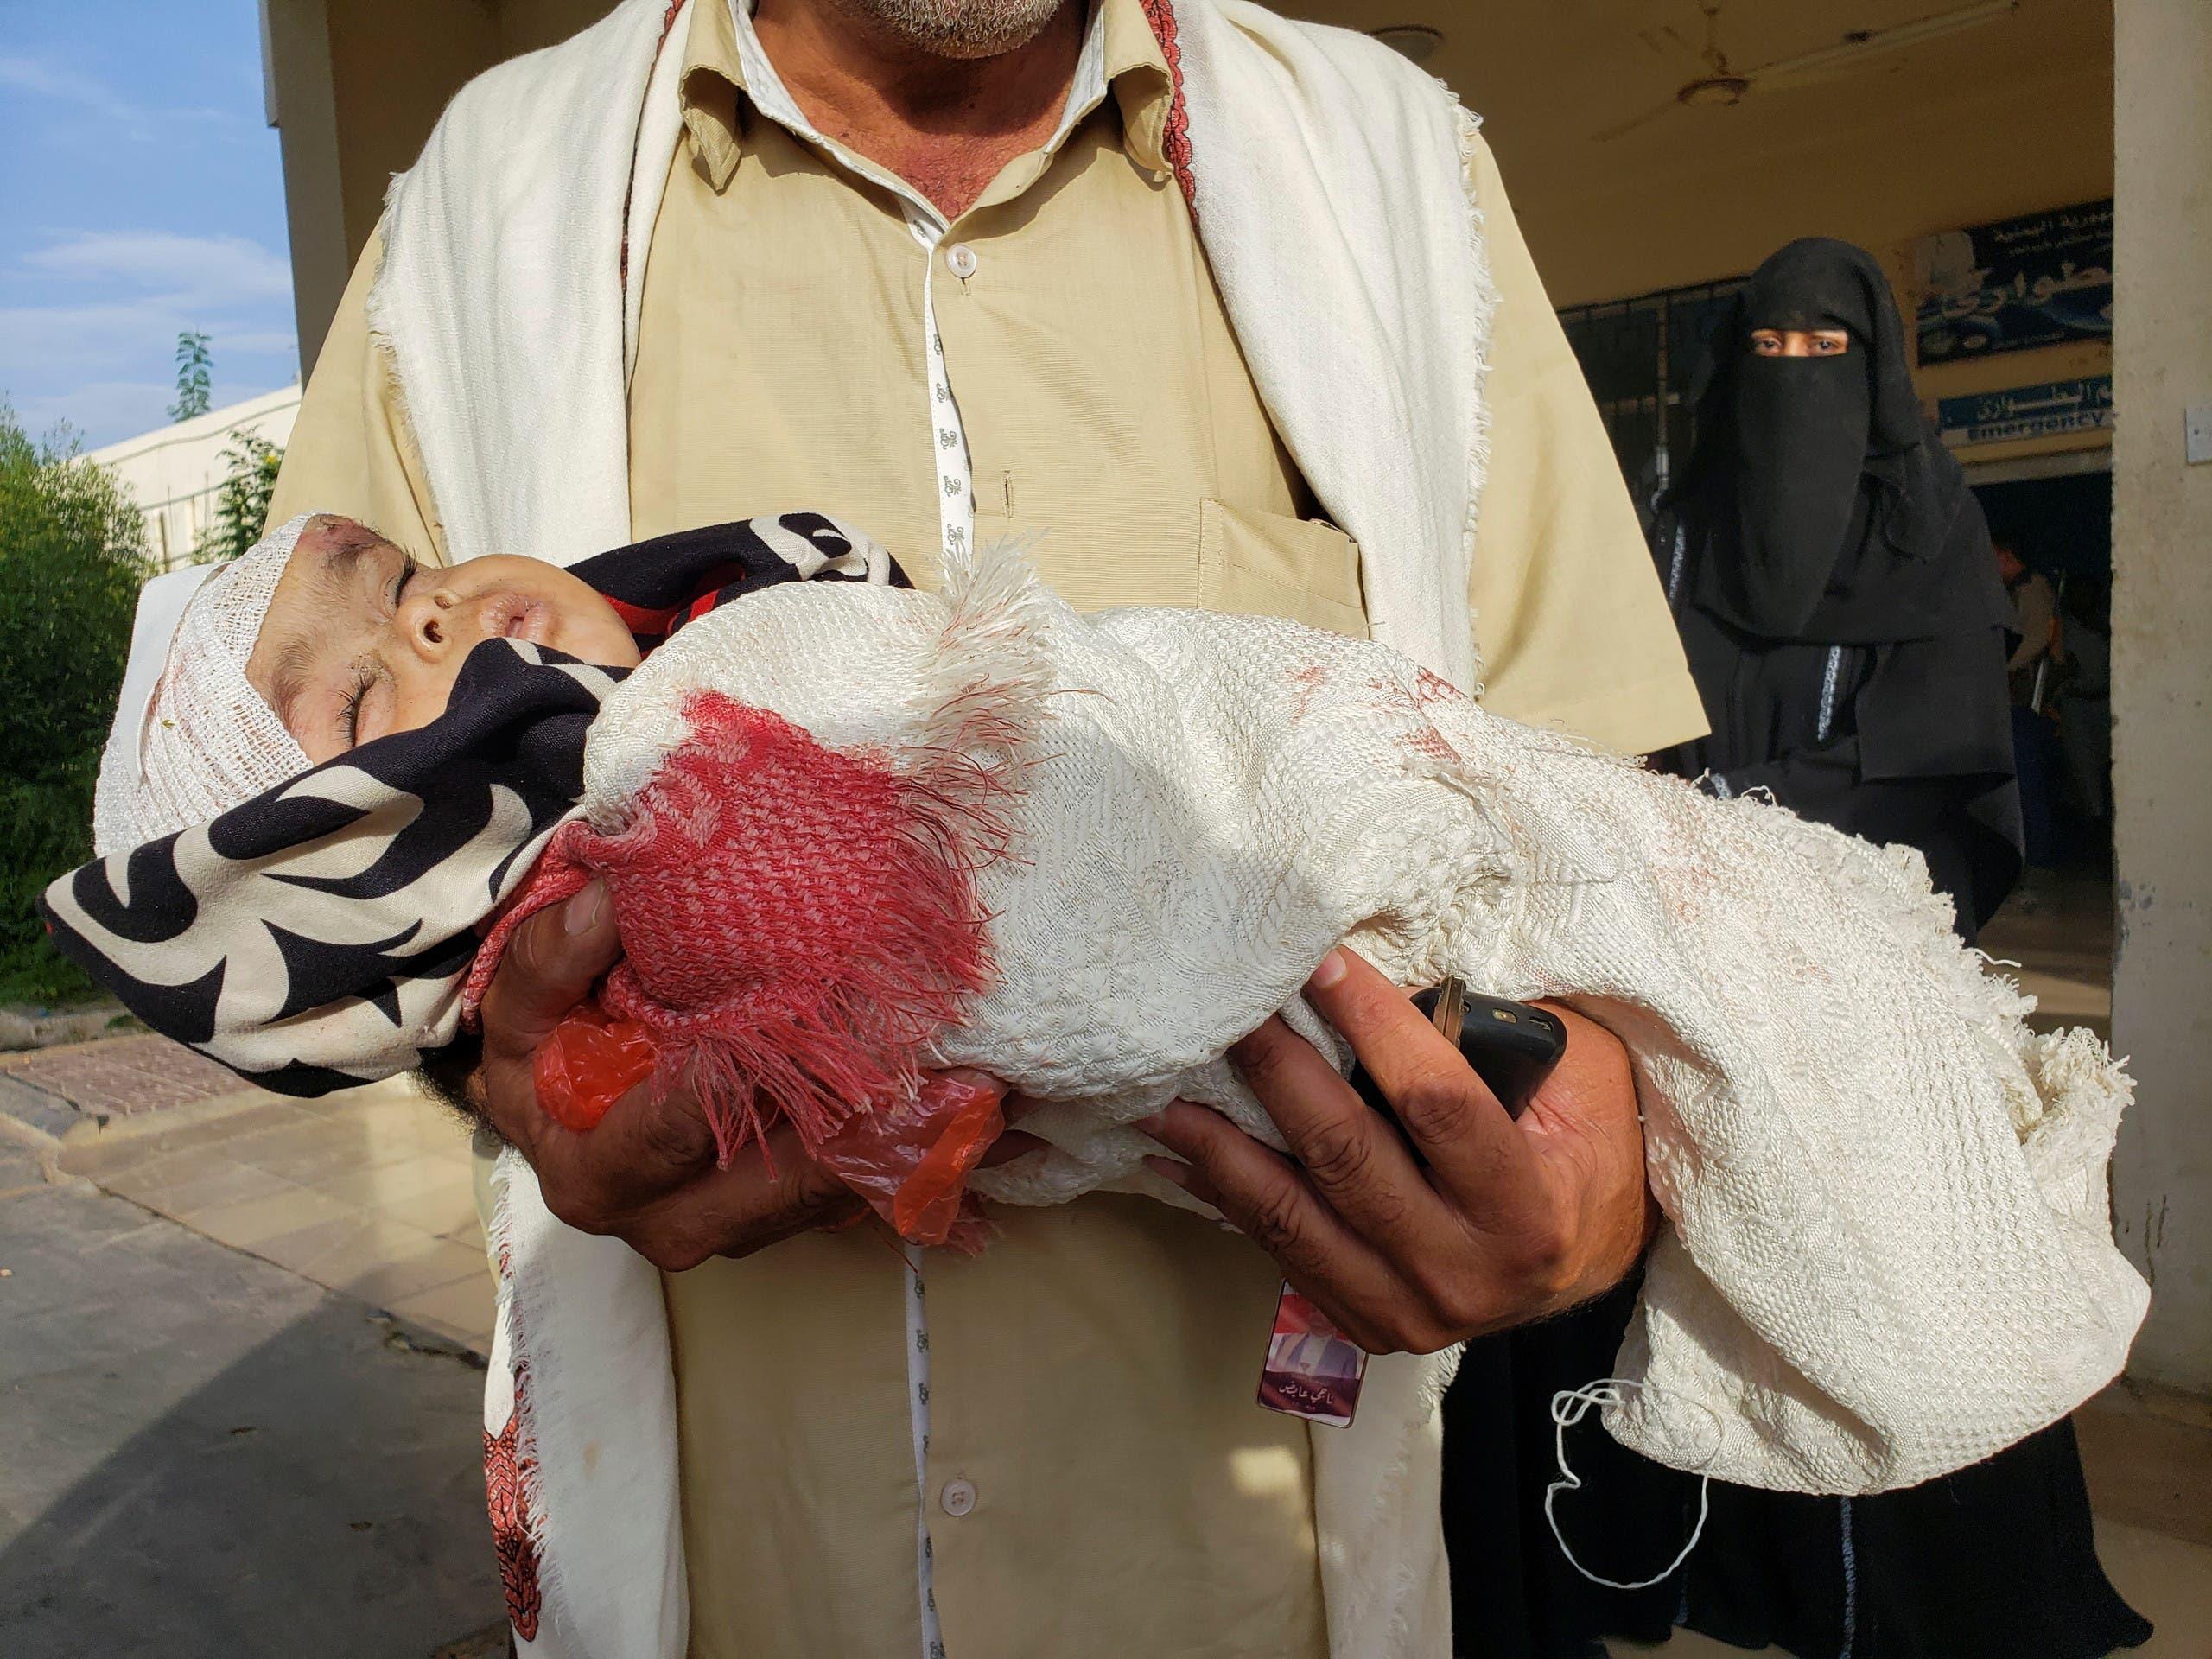 إصابة طفلة جراء قصف حوثي على مأرب(أرشيفية- رويترز)